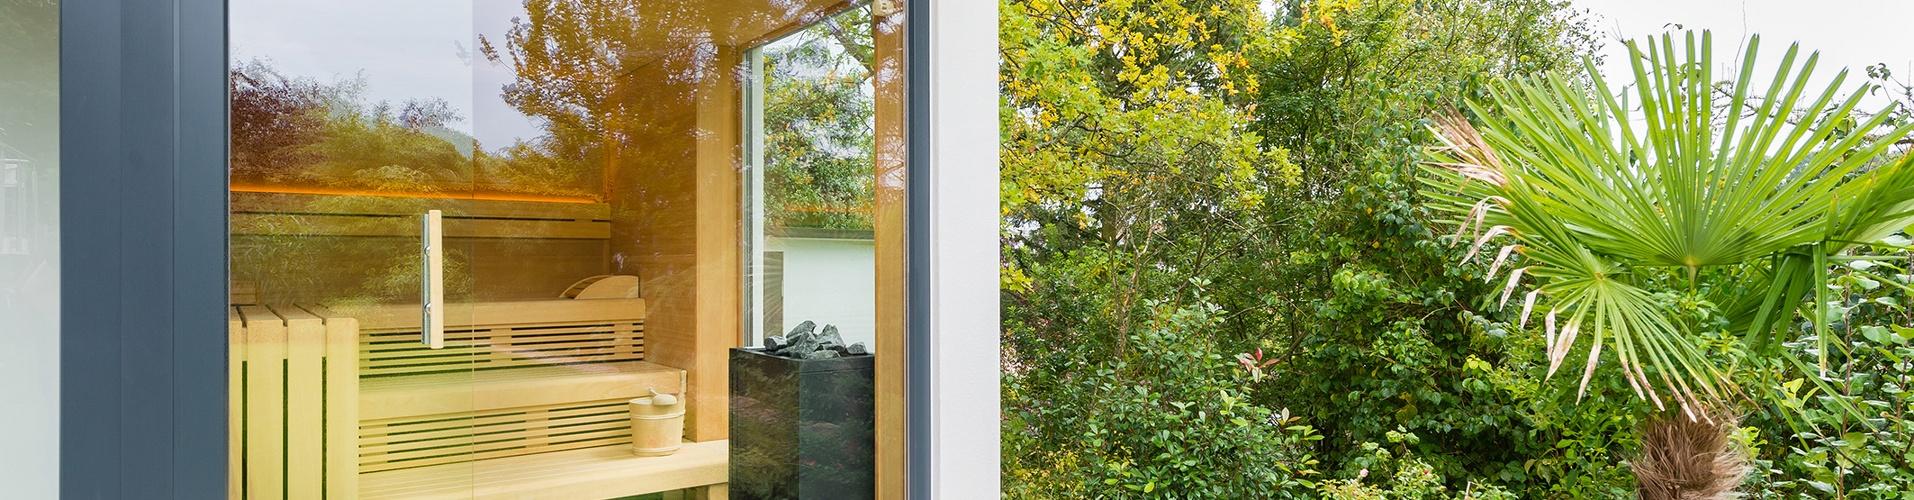 Wellness-Urlaub zuhause im Garten: Sauna, Dampfbad, Grillkamin auf Terrasse oder Balkon.